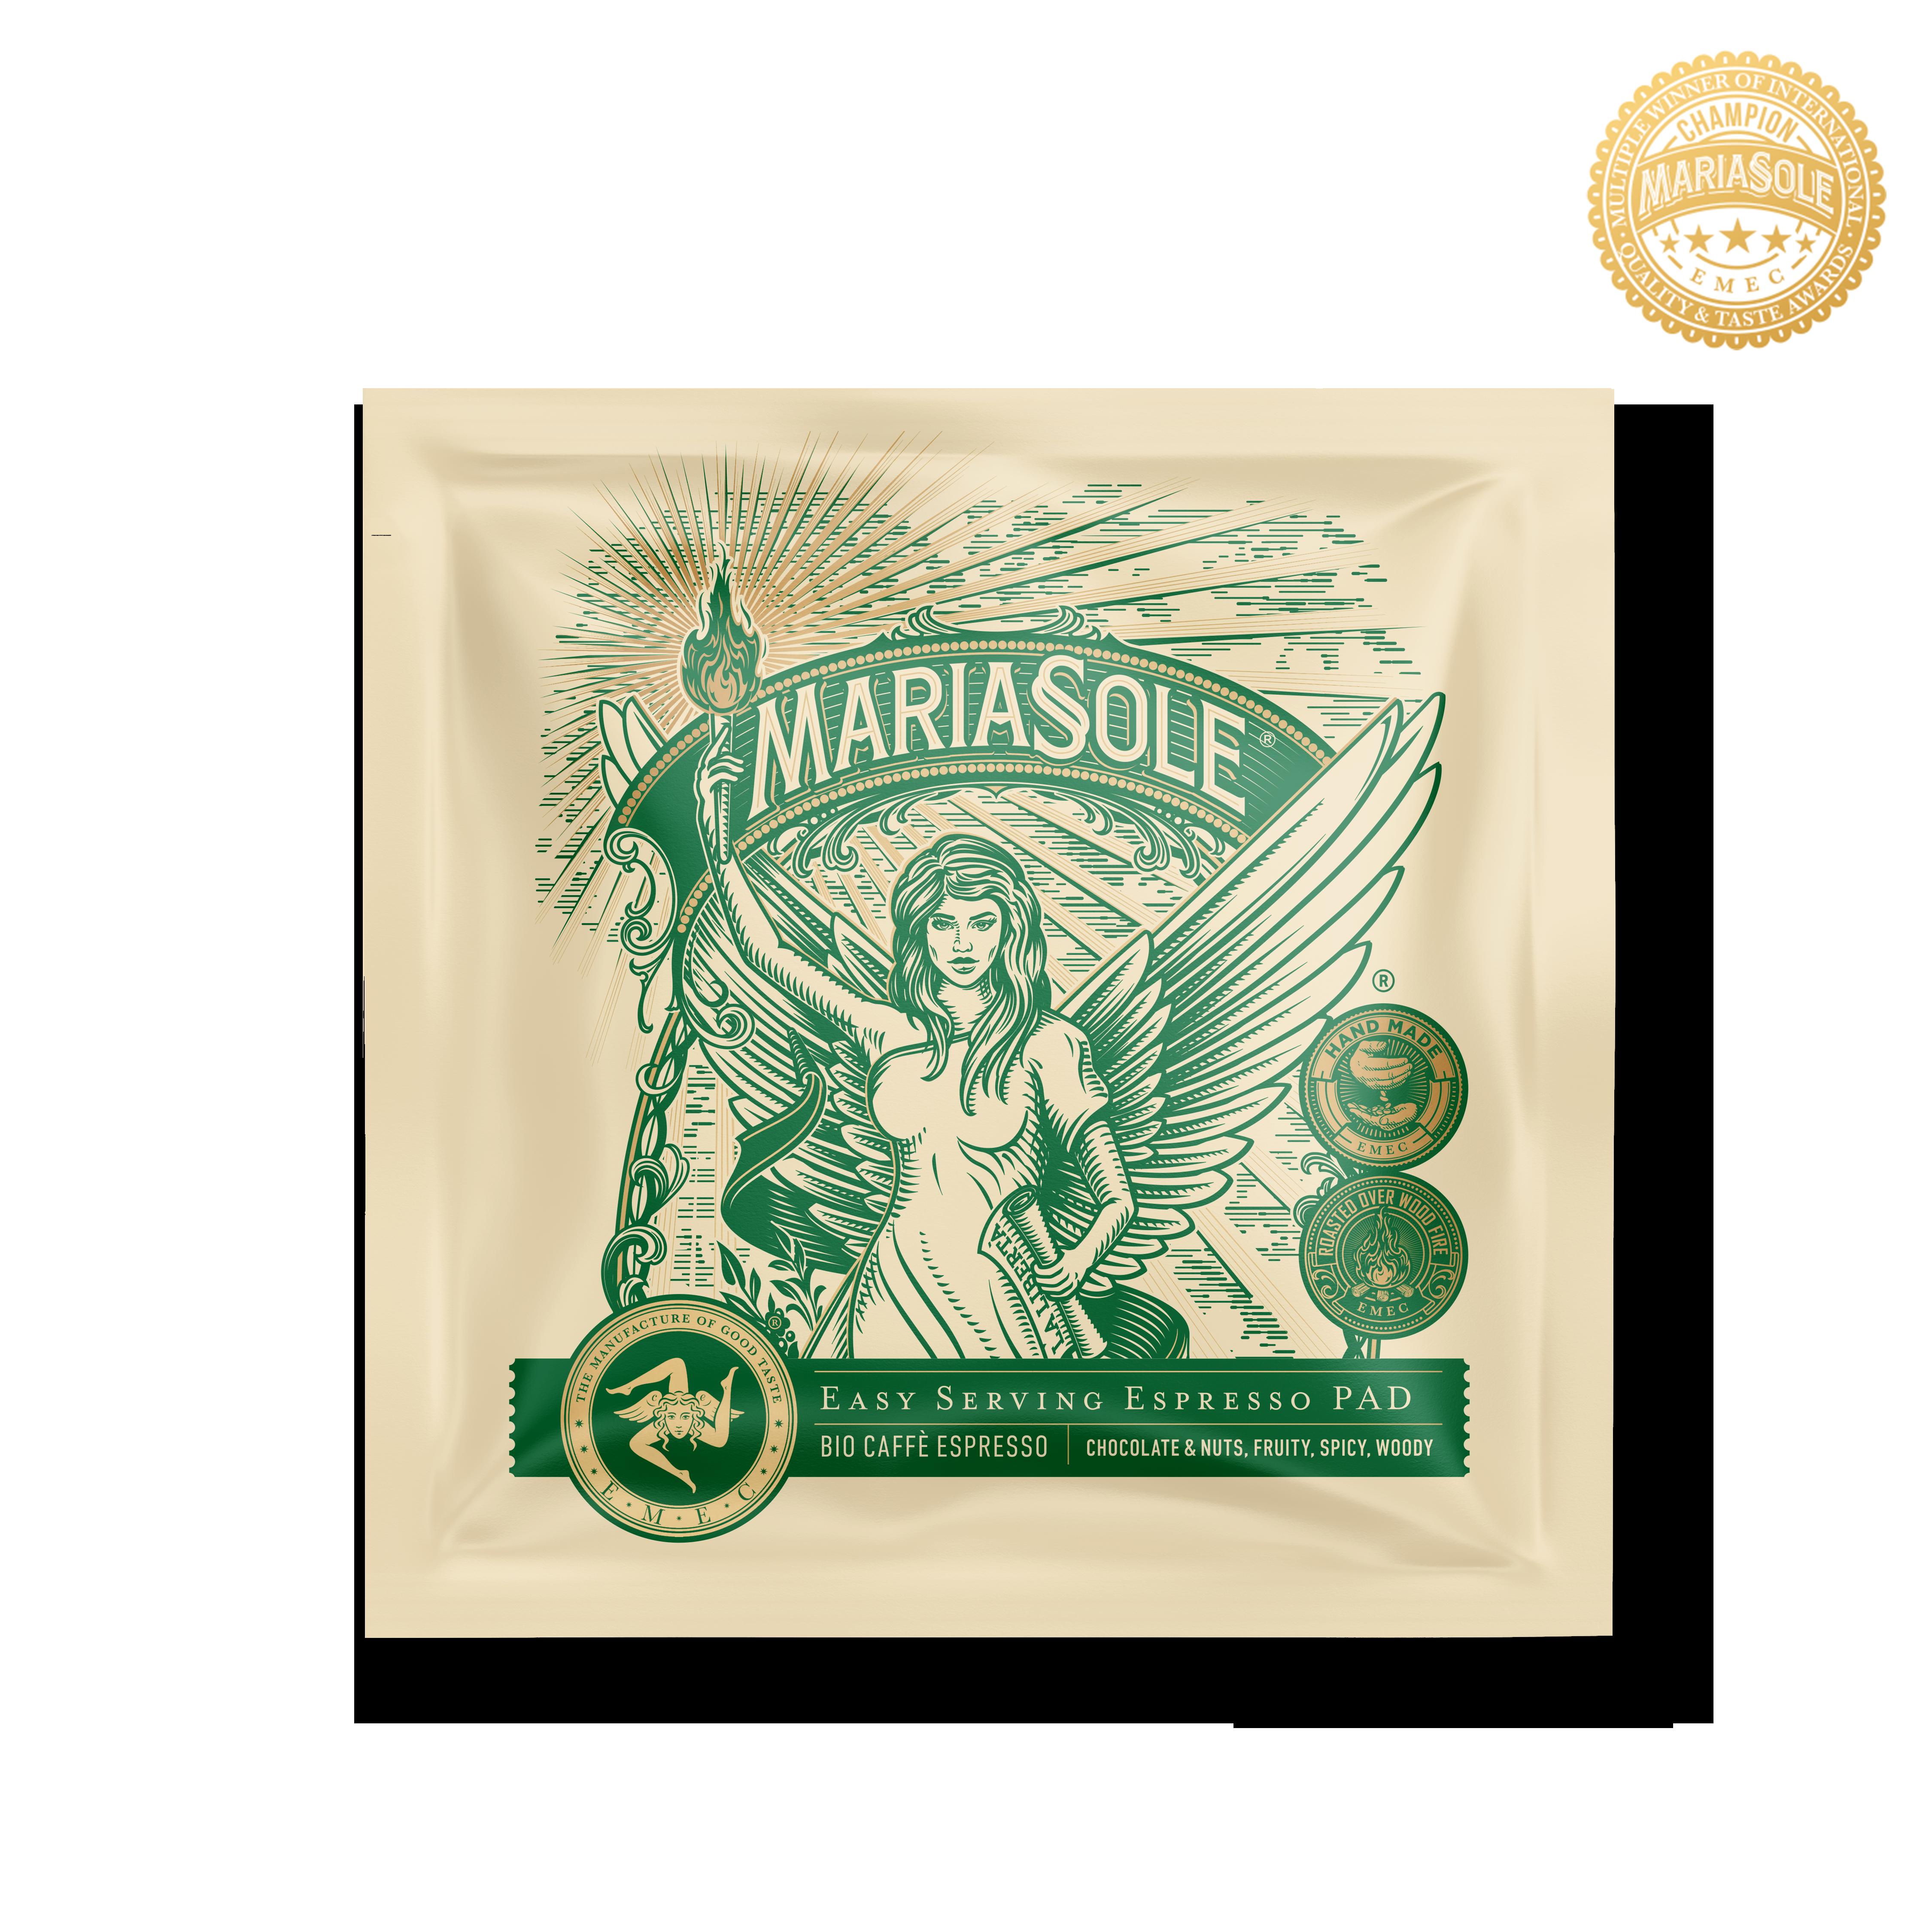 MARIASOLE - BIO Caffè Espresso - E.S.E Pads LUNGO